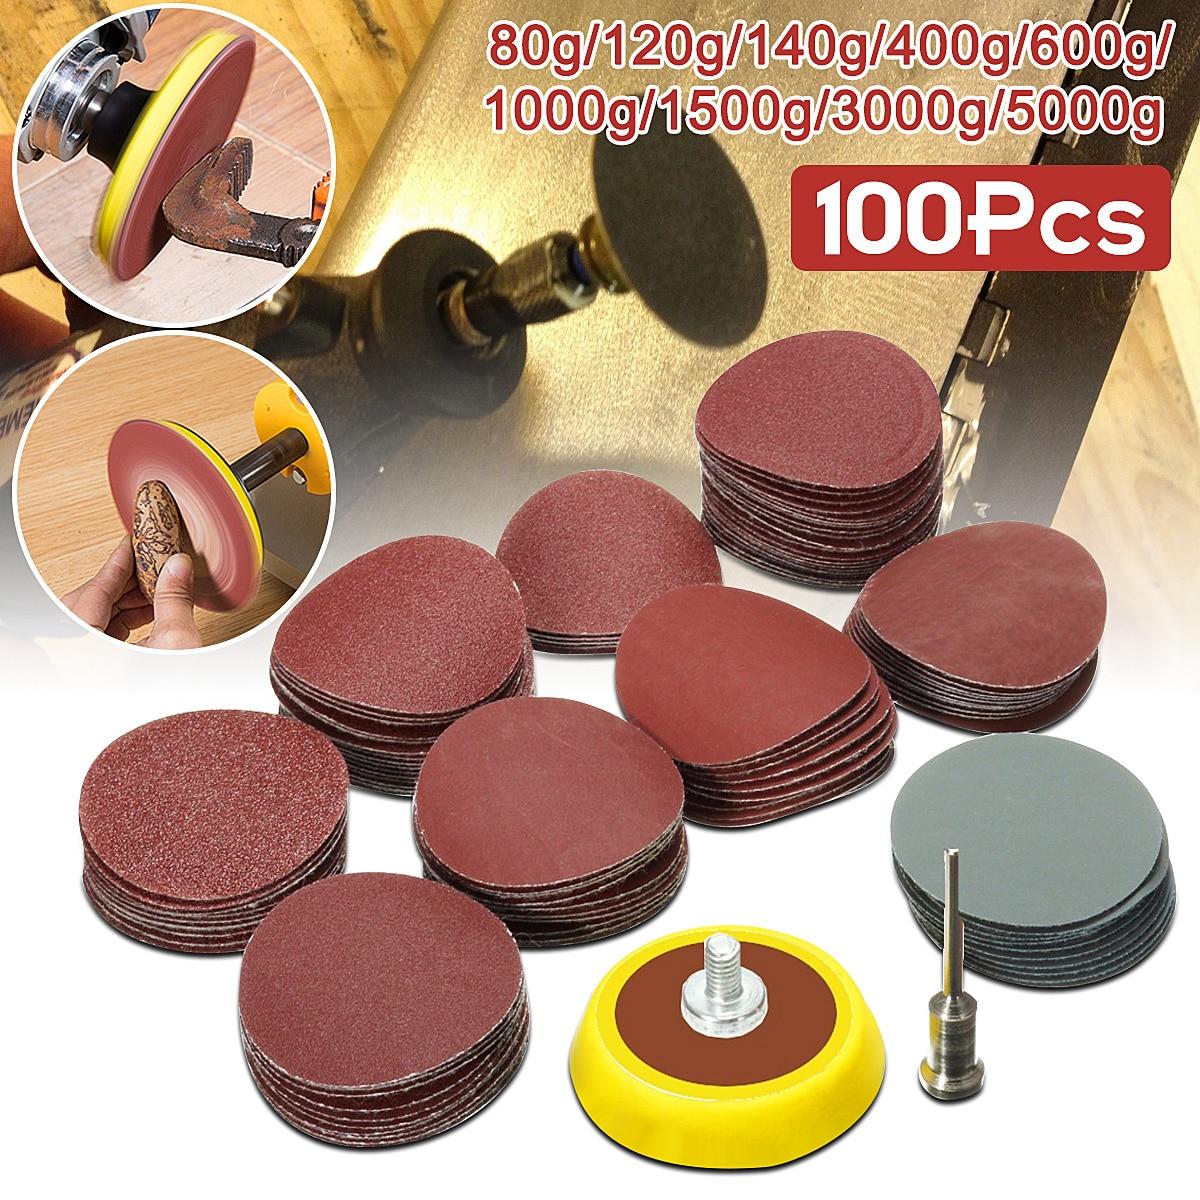 100 pçs 25mm/1 polegada lixa + 1 pçs 1 polegada gancho laço placa de apoio 1/8 polegada shank + 1 pçs loop lixa almofada abrasivos polimento misto